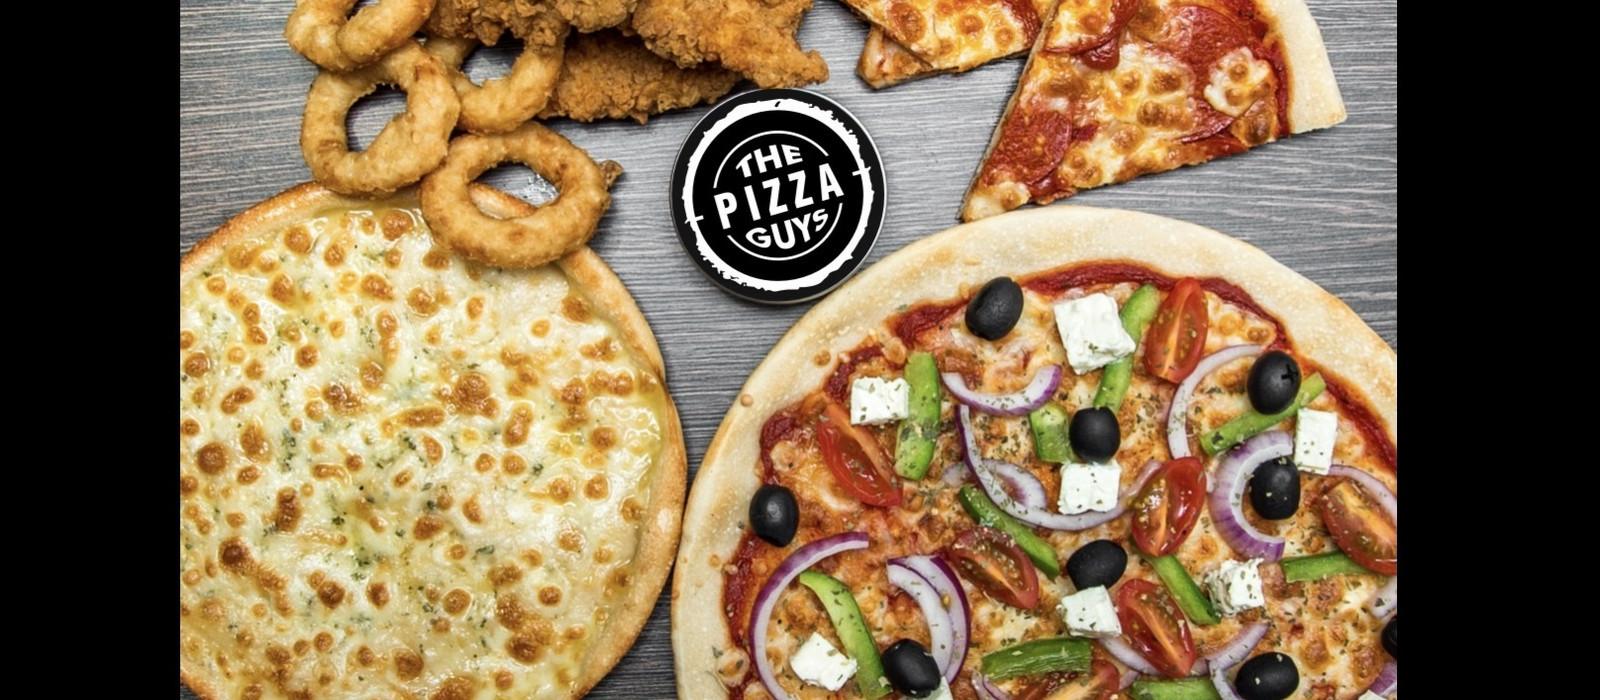 Thepizzaguys Food Delivery Bishops Stortford Order Online